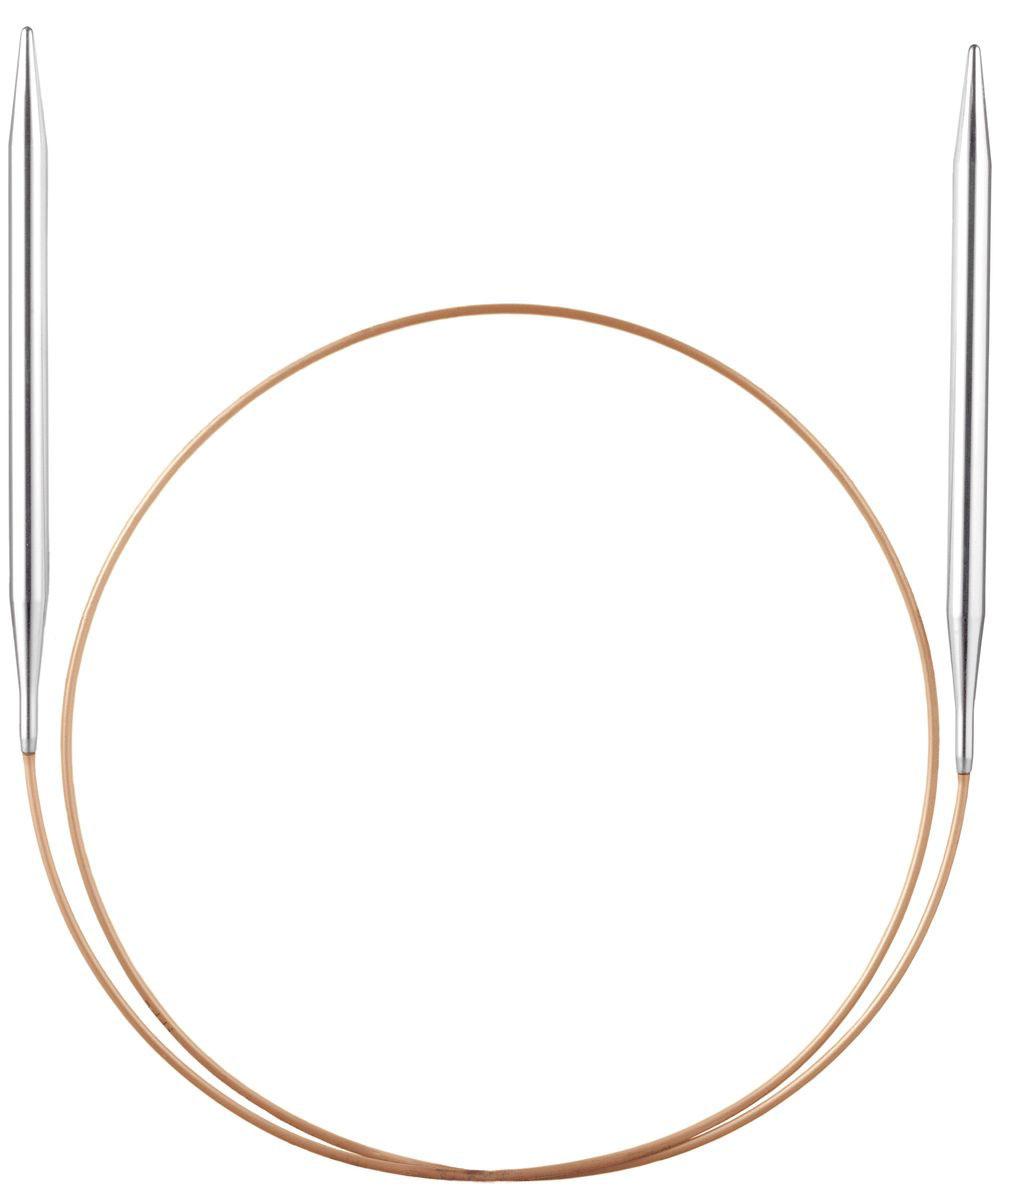 Спицы круговые Addi, супергладкие, диаметр 6,5 мм, длина 150 см105-7/6.5-150Спицы Addi, изготовленные из никеля, прекрасно подойдут для вязания изделий без швов. Короткими круговыми спицами вяжут бейки горловины, шапки и варежки, длинными спицами можно вязать по кругу целые модели, например, свитера и пуловеры. Полые и очень легкие спицы с удлиненным кончиком скреплены гибкой леской. Гладкое покрытие и тонкие переходы от спицы к леске позволяют петлям легче скользить. Малый вес изделия убережет ваши руки от усталости при вязании. Вы сможете вязать для себя, делать подарки друзьям. Работа, сделанная своими руками, долго будет радовать вас и ваших близких.